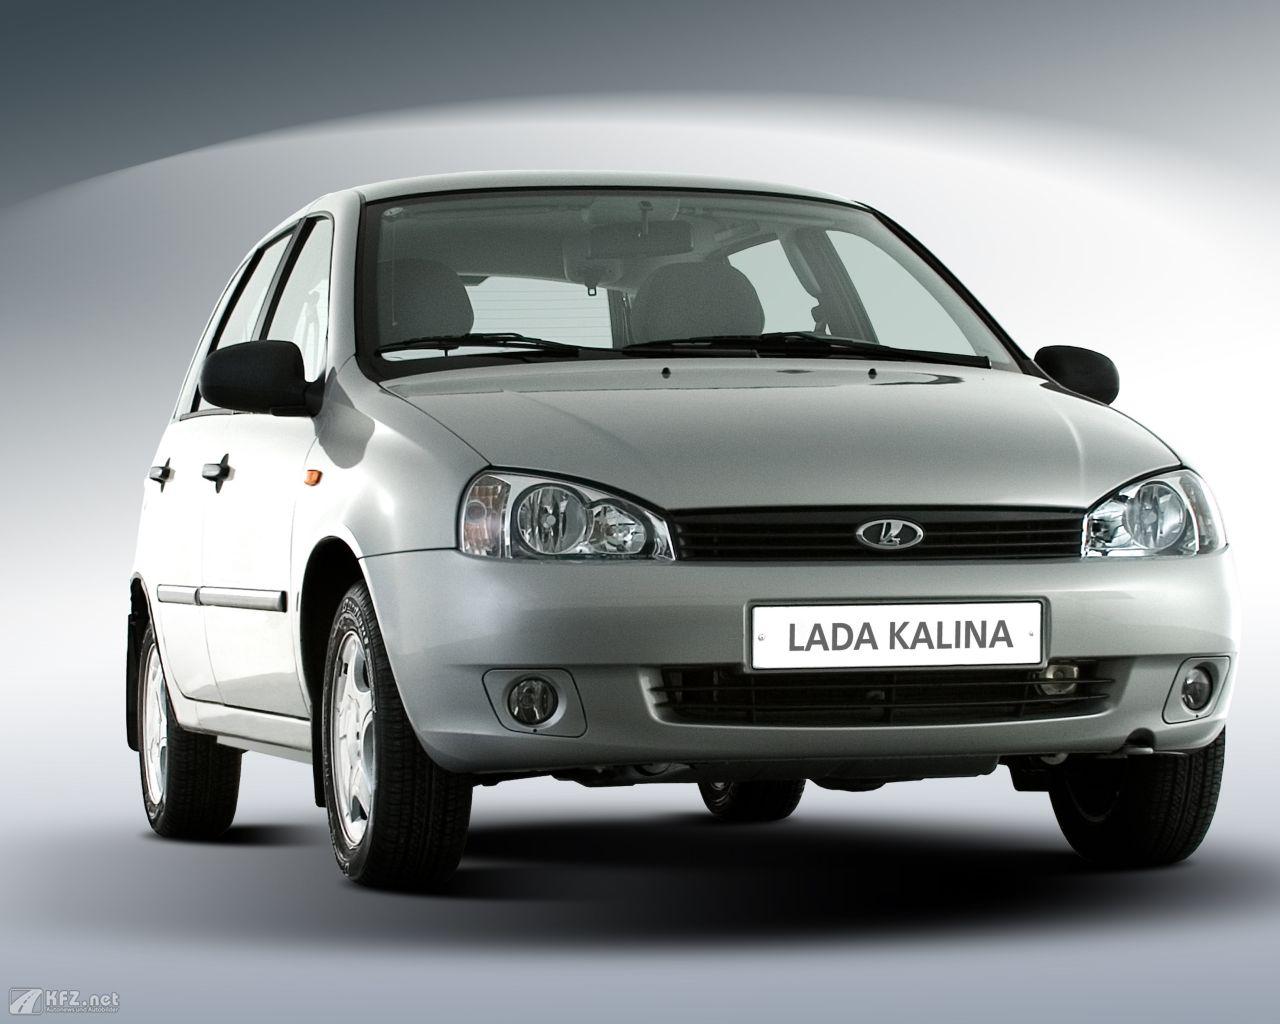 lada-kalina-1117-1280x1024-1